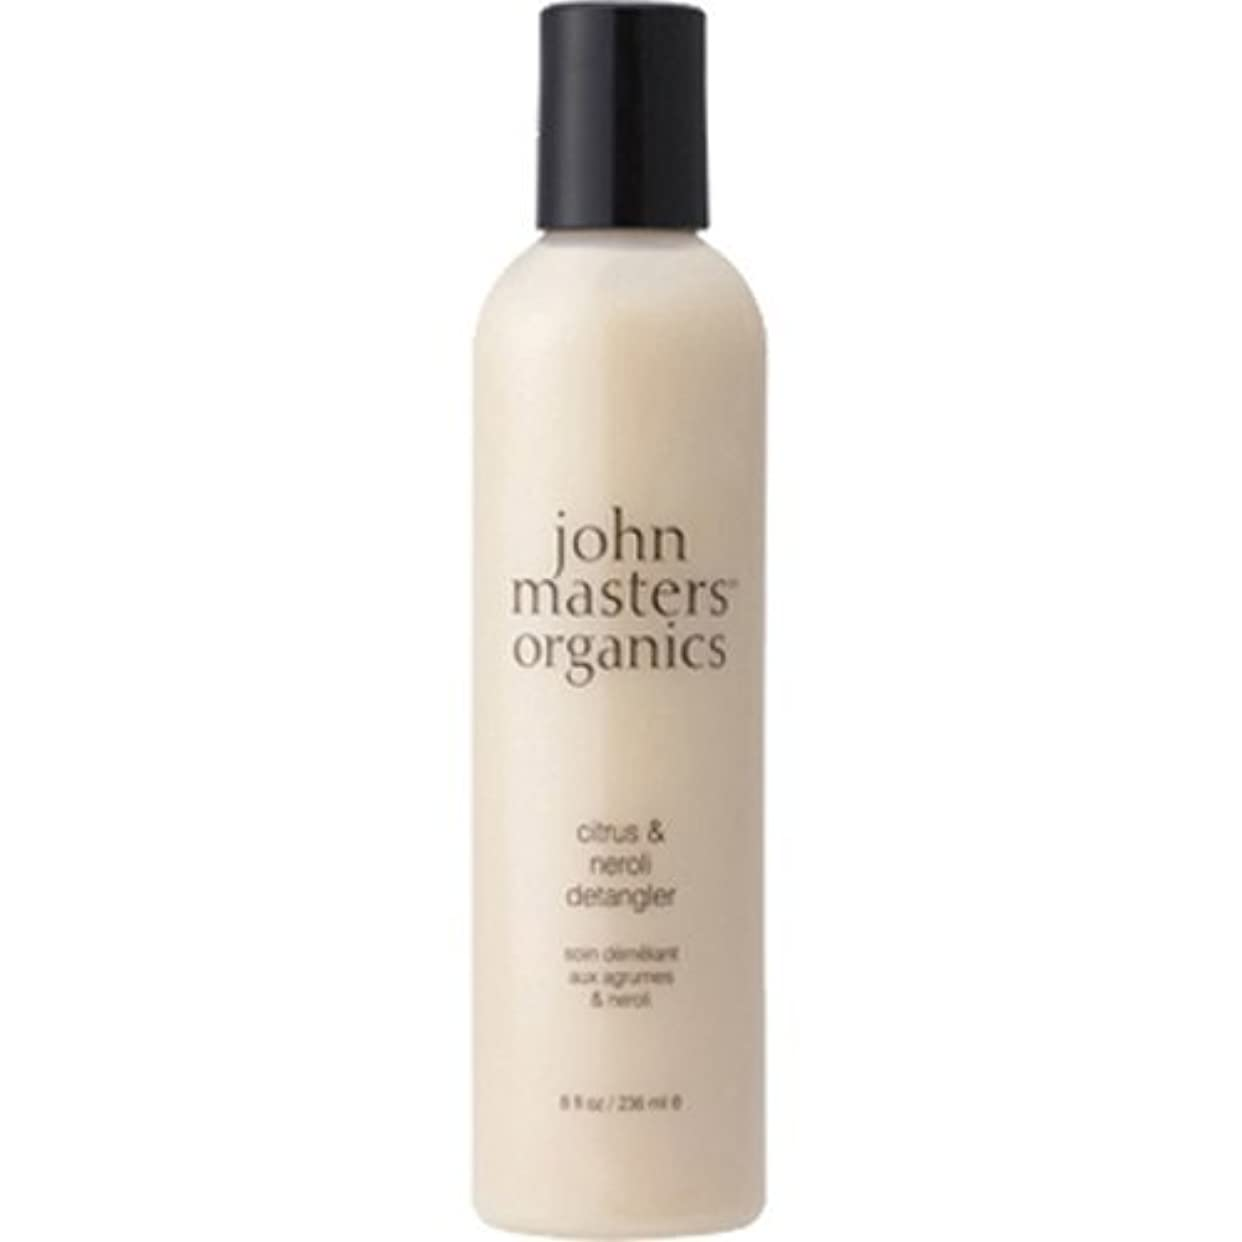 授業料にぎやかクライストチャーチJohn Masters Organics(ジョンマスターオーガニック) C&Nデタングラー(シトラス&ネロリ) 236ml(並行輸入品)